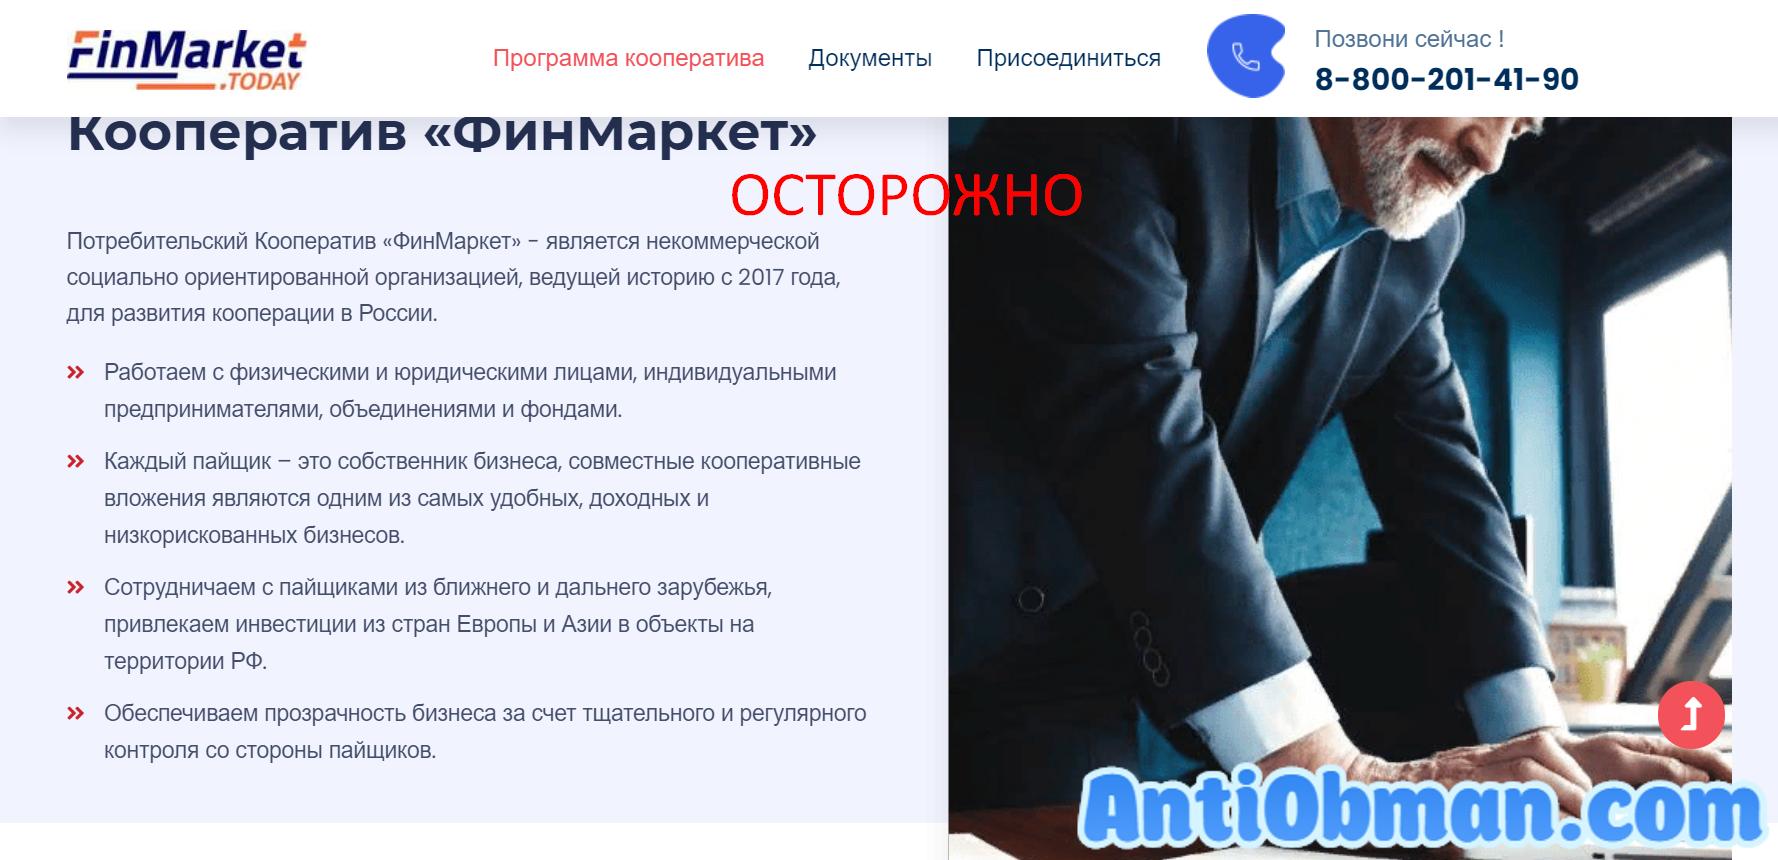 КПК ФинМаркет (pk-finmarket.ru) - отзывы и проверка